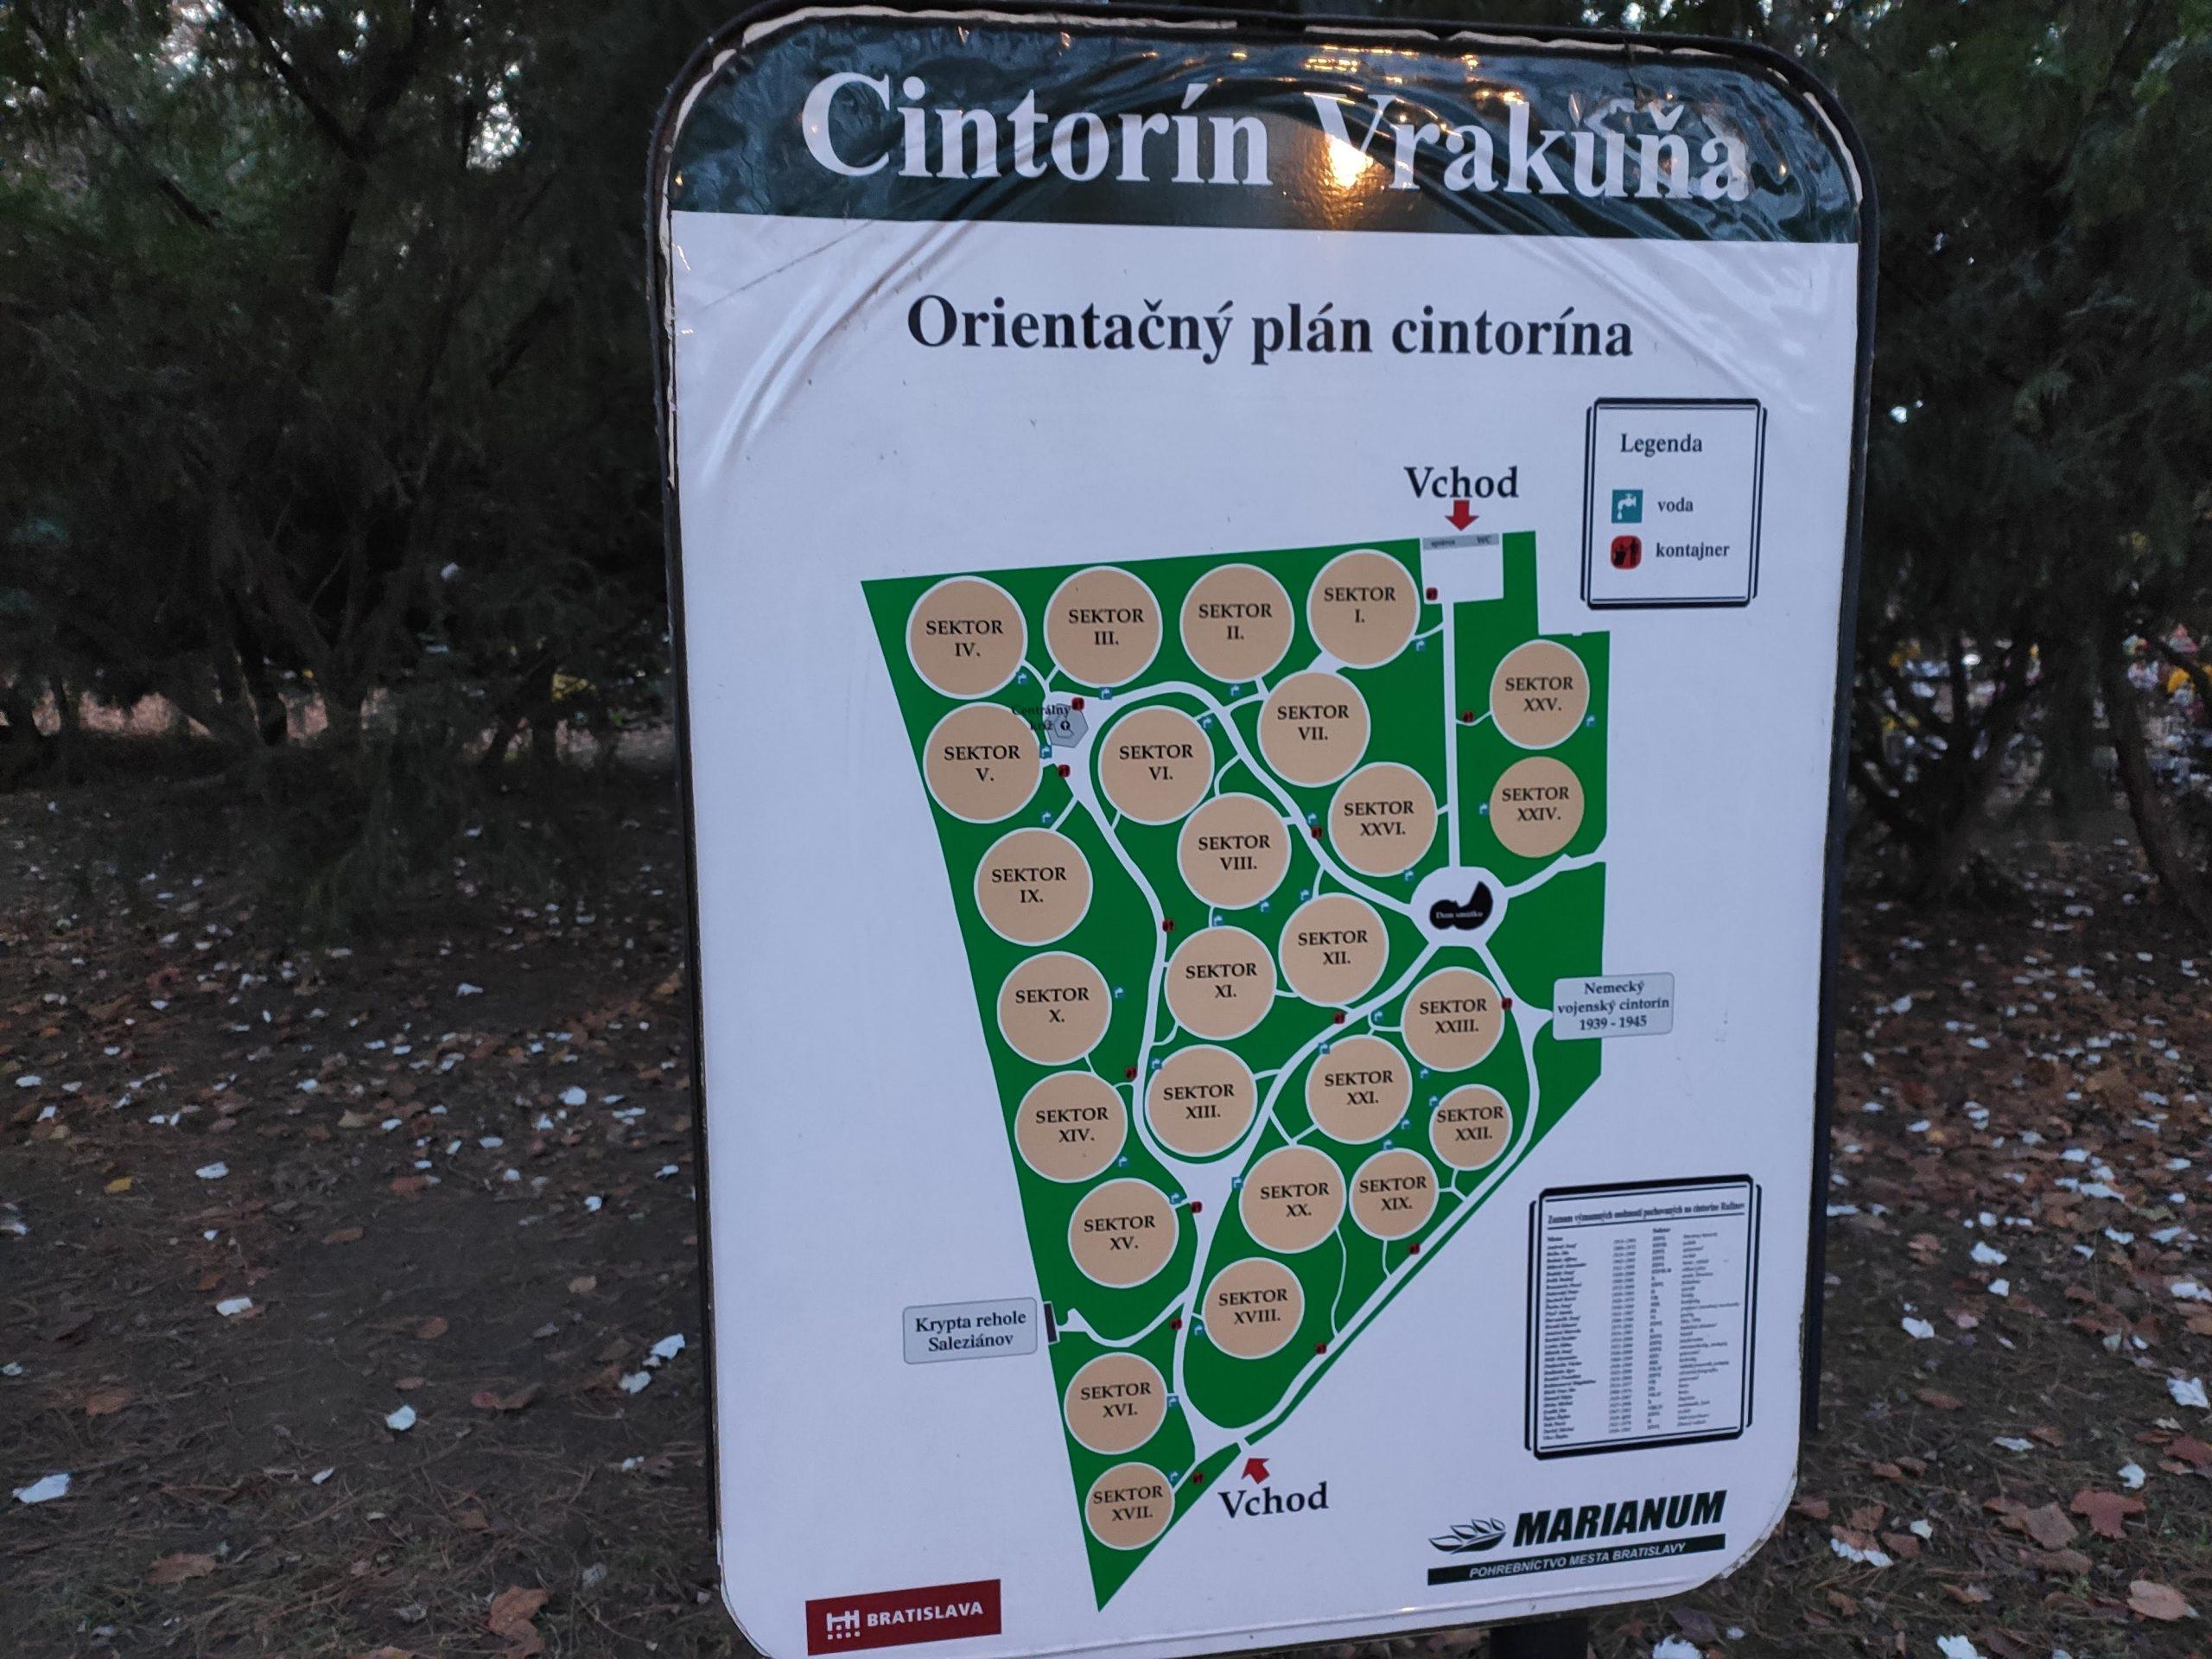 mapa cintorin vrakuna